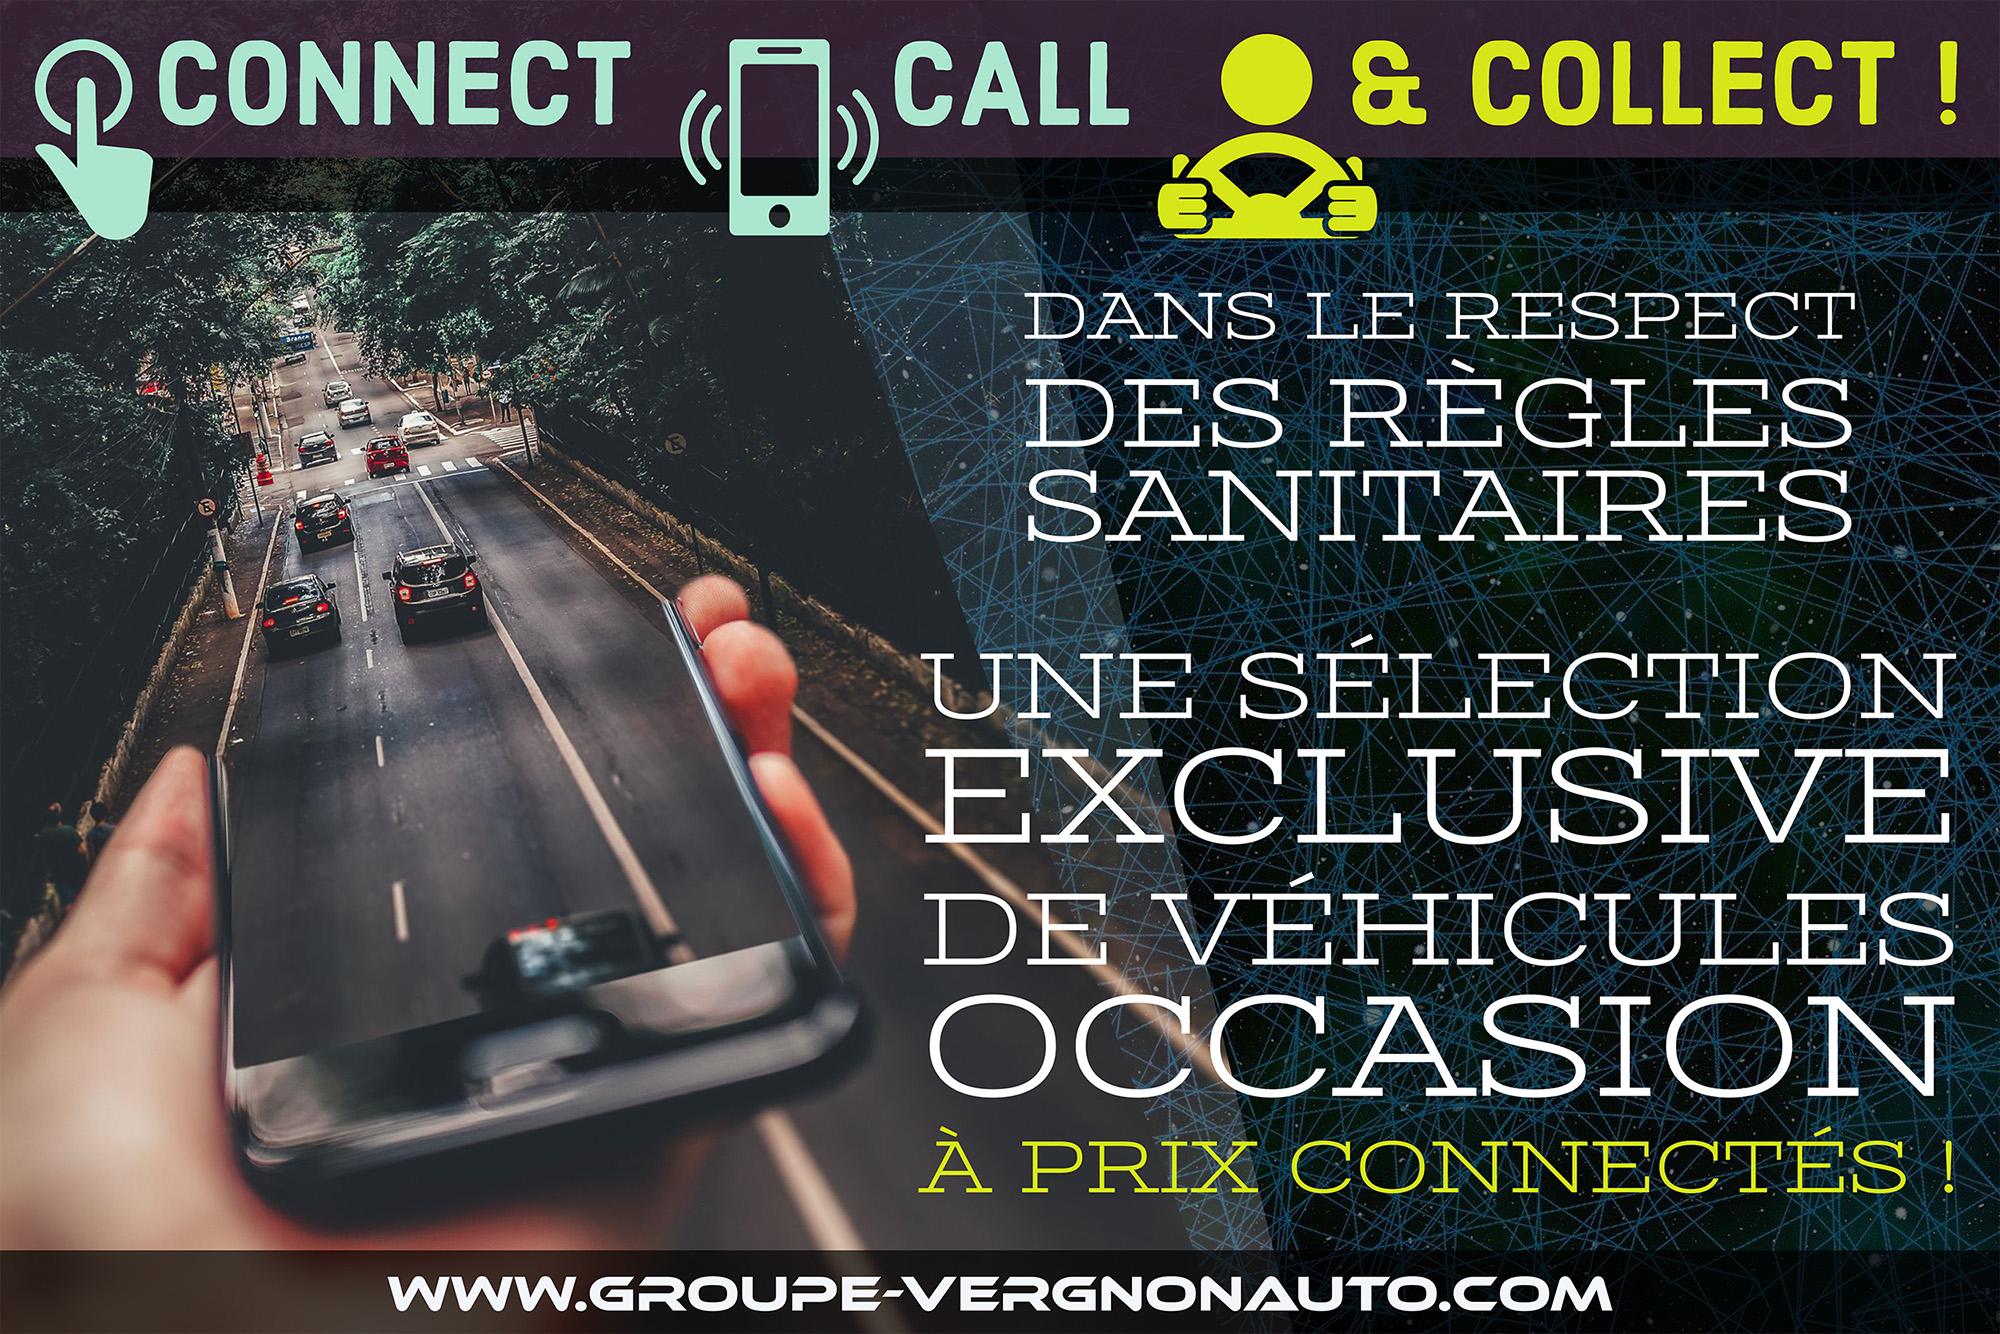 """Opération """"Collect, call & connect !"""" dans votre garage de Quissac et de Sauve"""